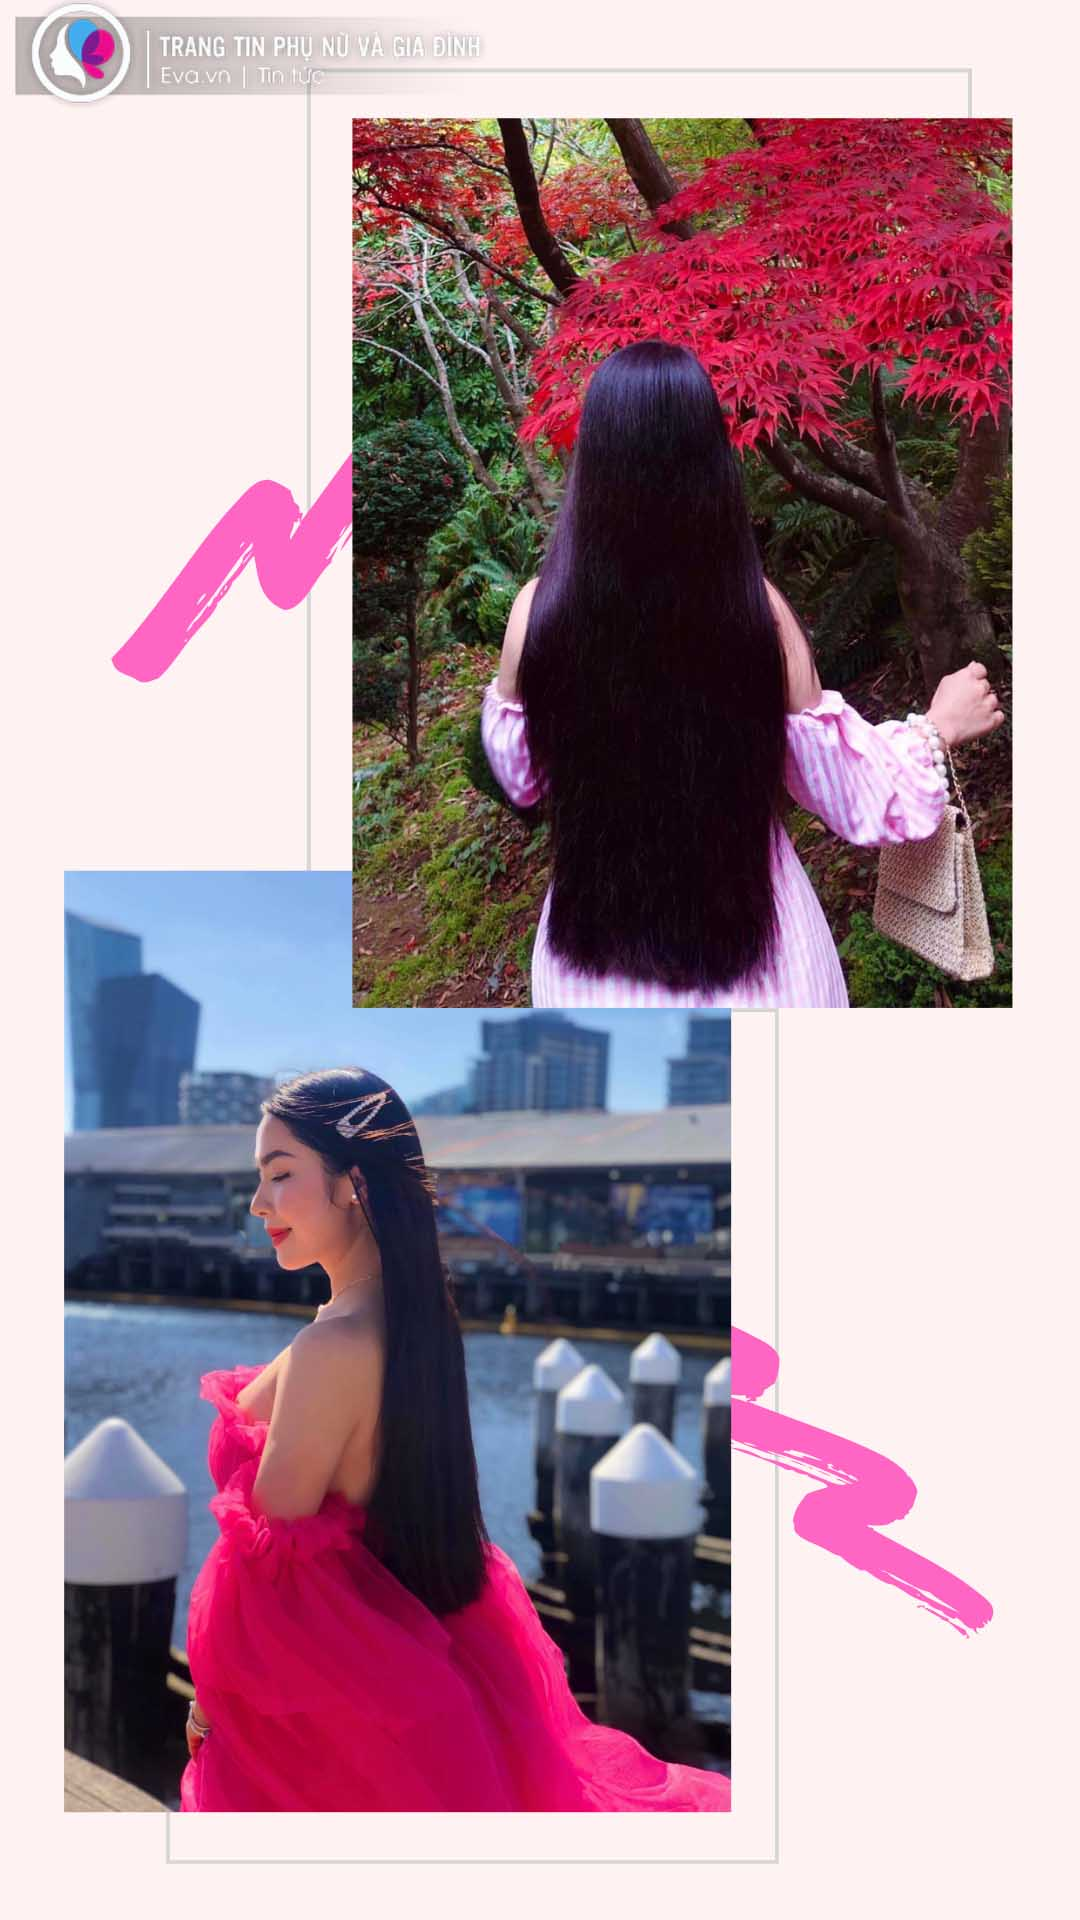 Gặp nàng công chúa Rapunzel đời thực, chăm sóc tóc dài bóng khoẻ chỉ từ nguyên liệu giá vài nghìn